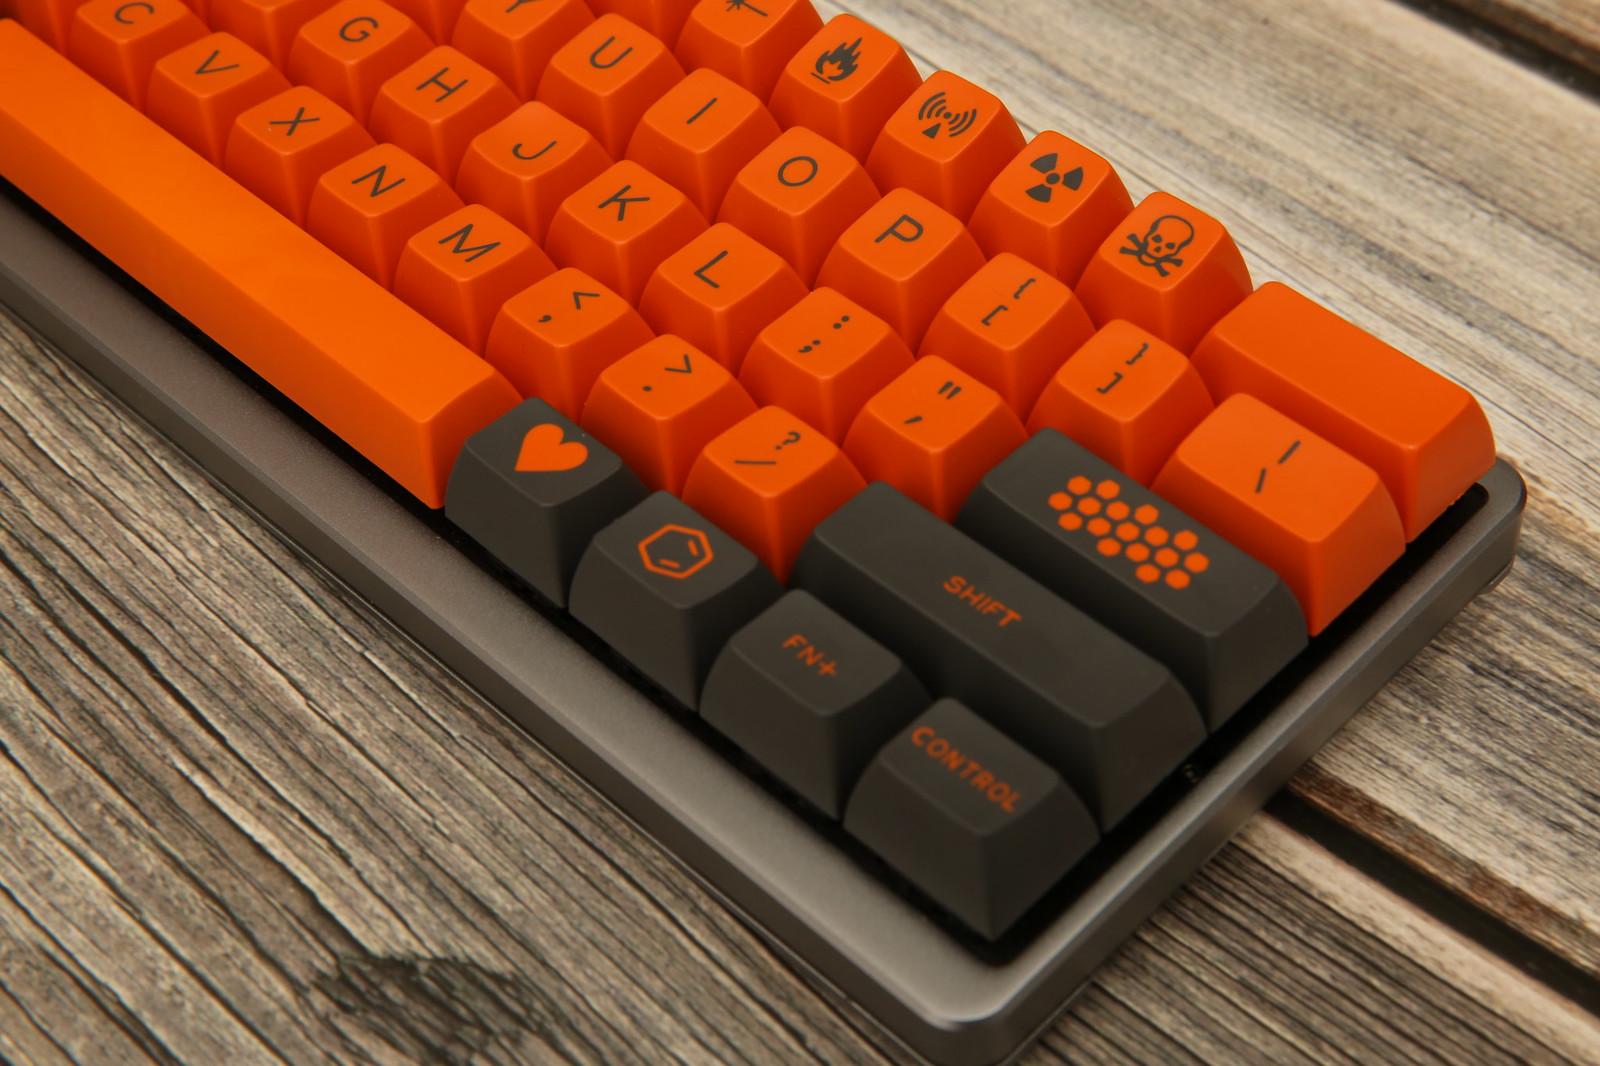 [鍵盤] SP SA Carbon R2 &榔頭 Carbon 空白鍵 - 看板 Key_Mou_Pad - 批踢踢實業坊